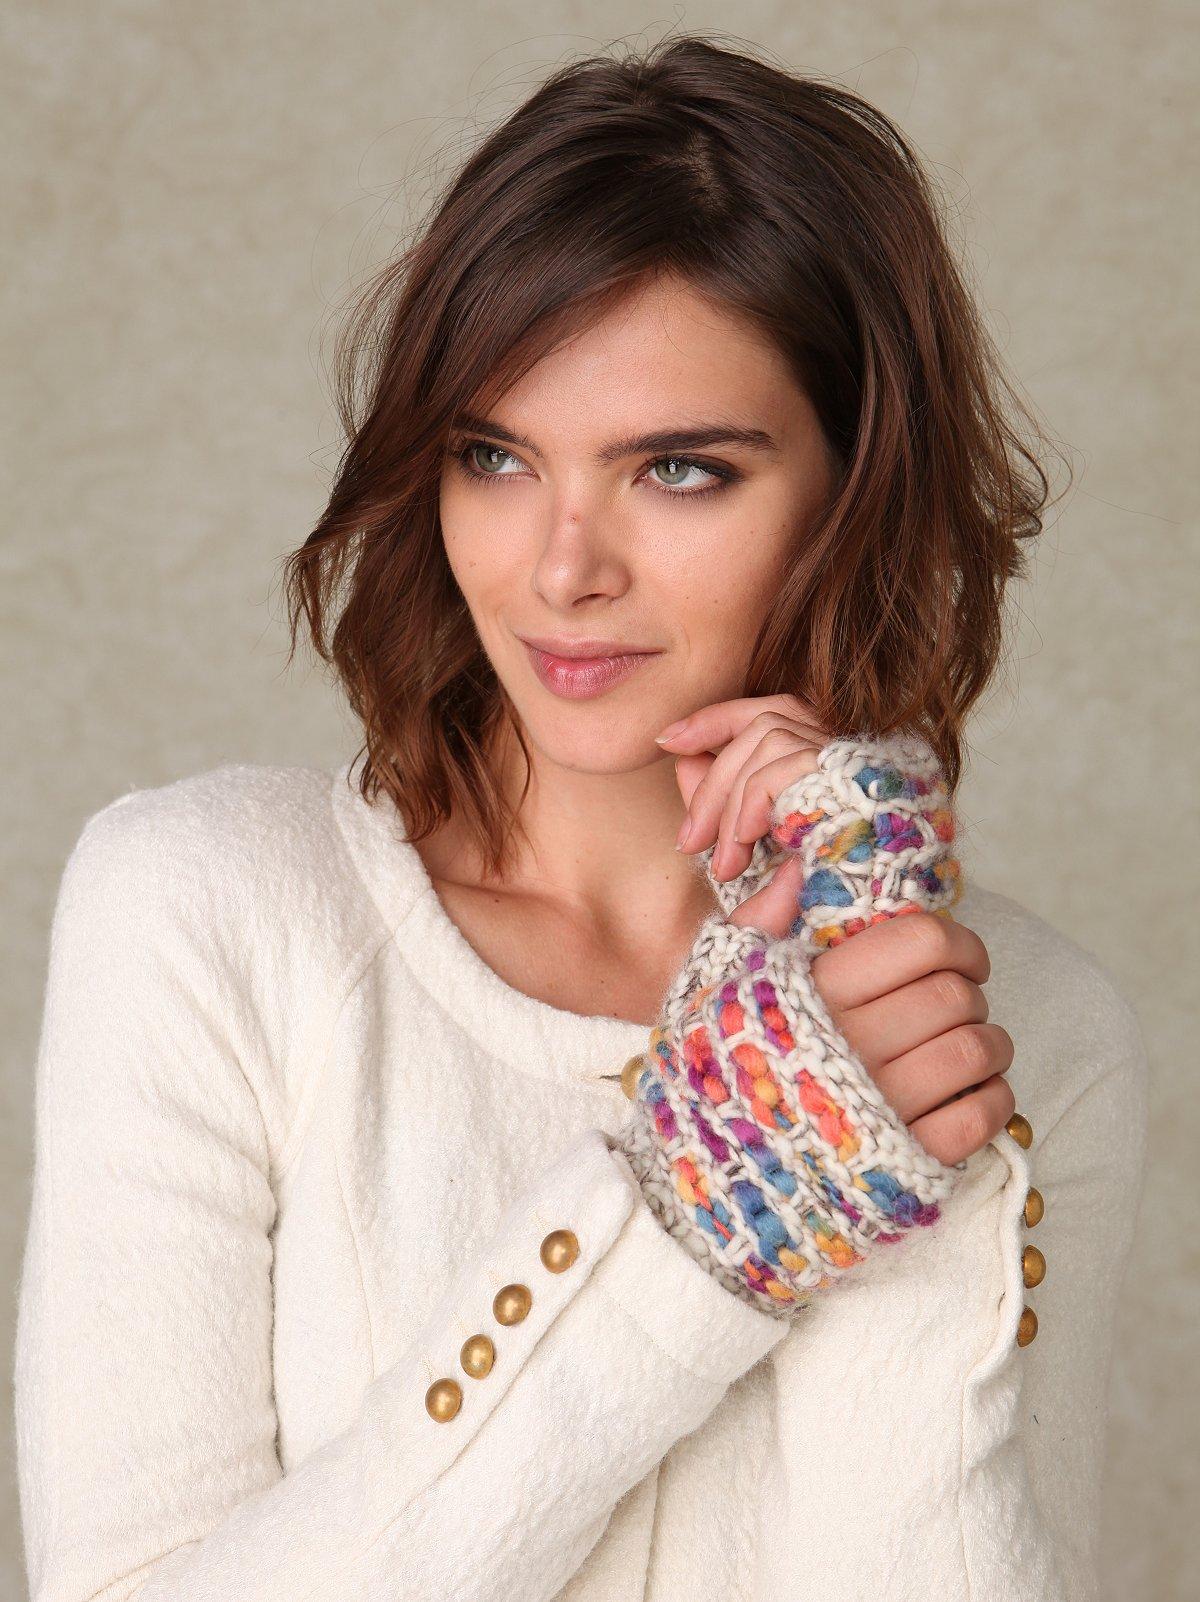 Lila Fingerless Glove